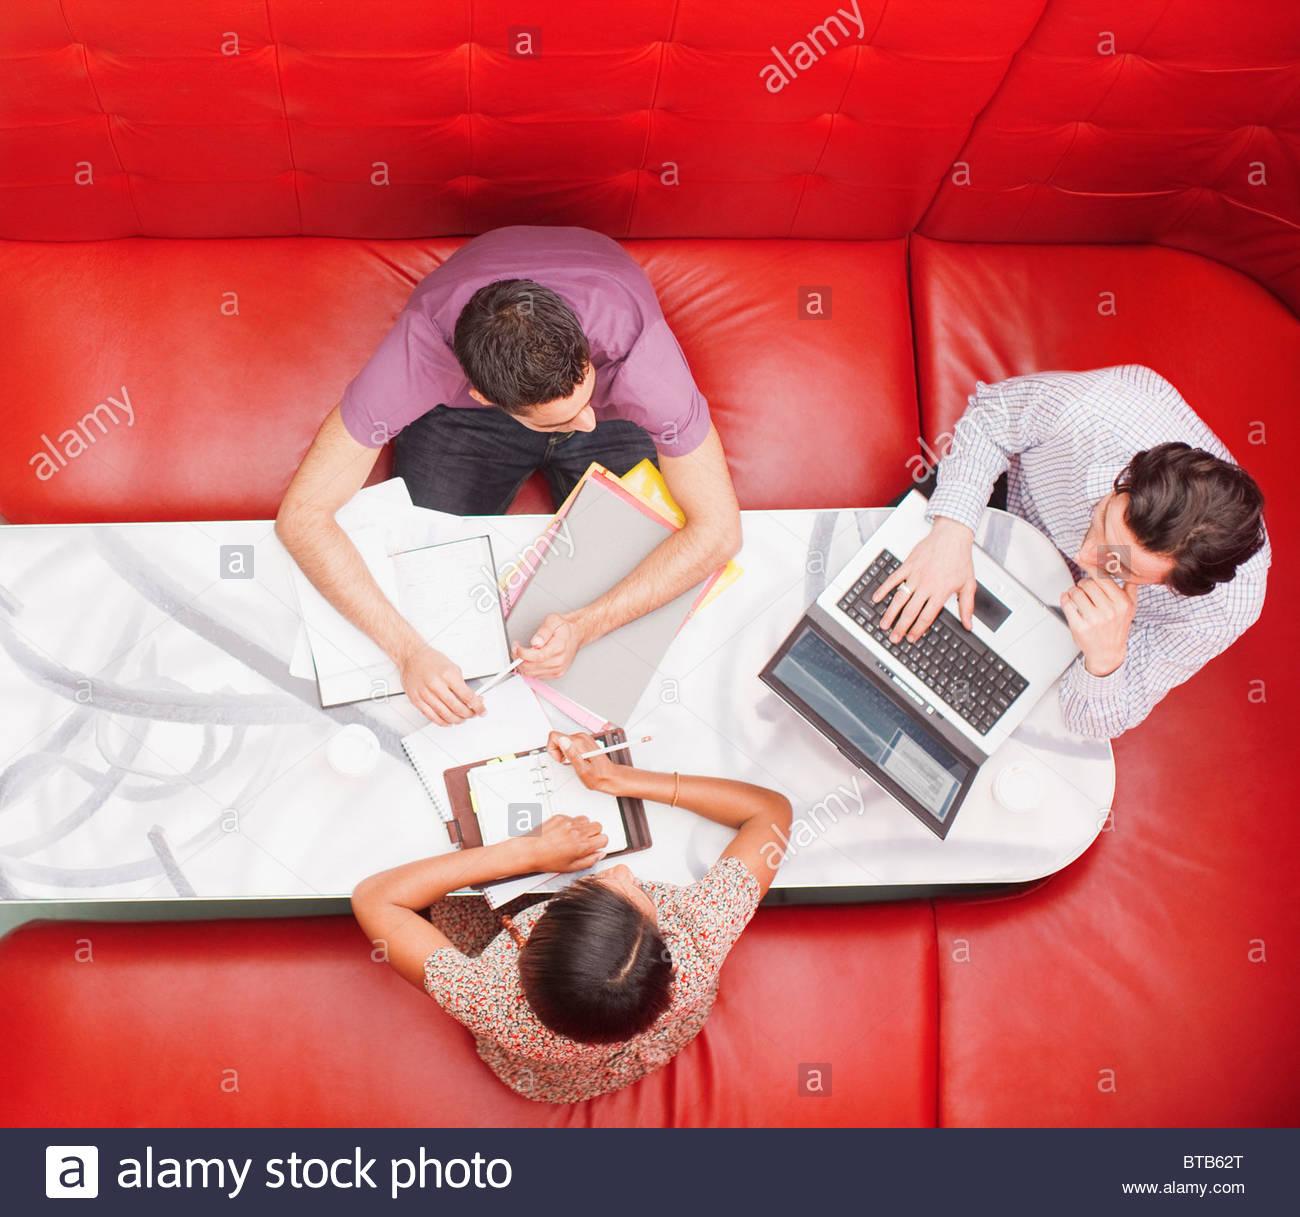 Pessoas de Negócios sessão no estande tendo em uma reunião Imagens de Stock